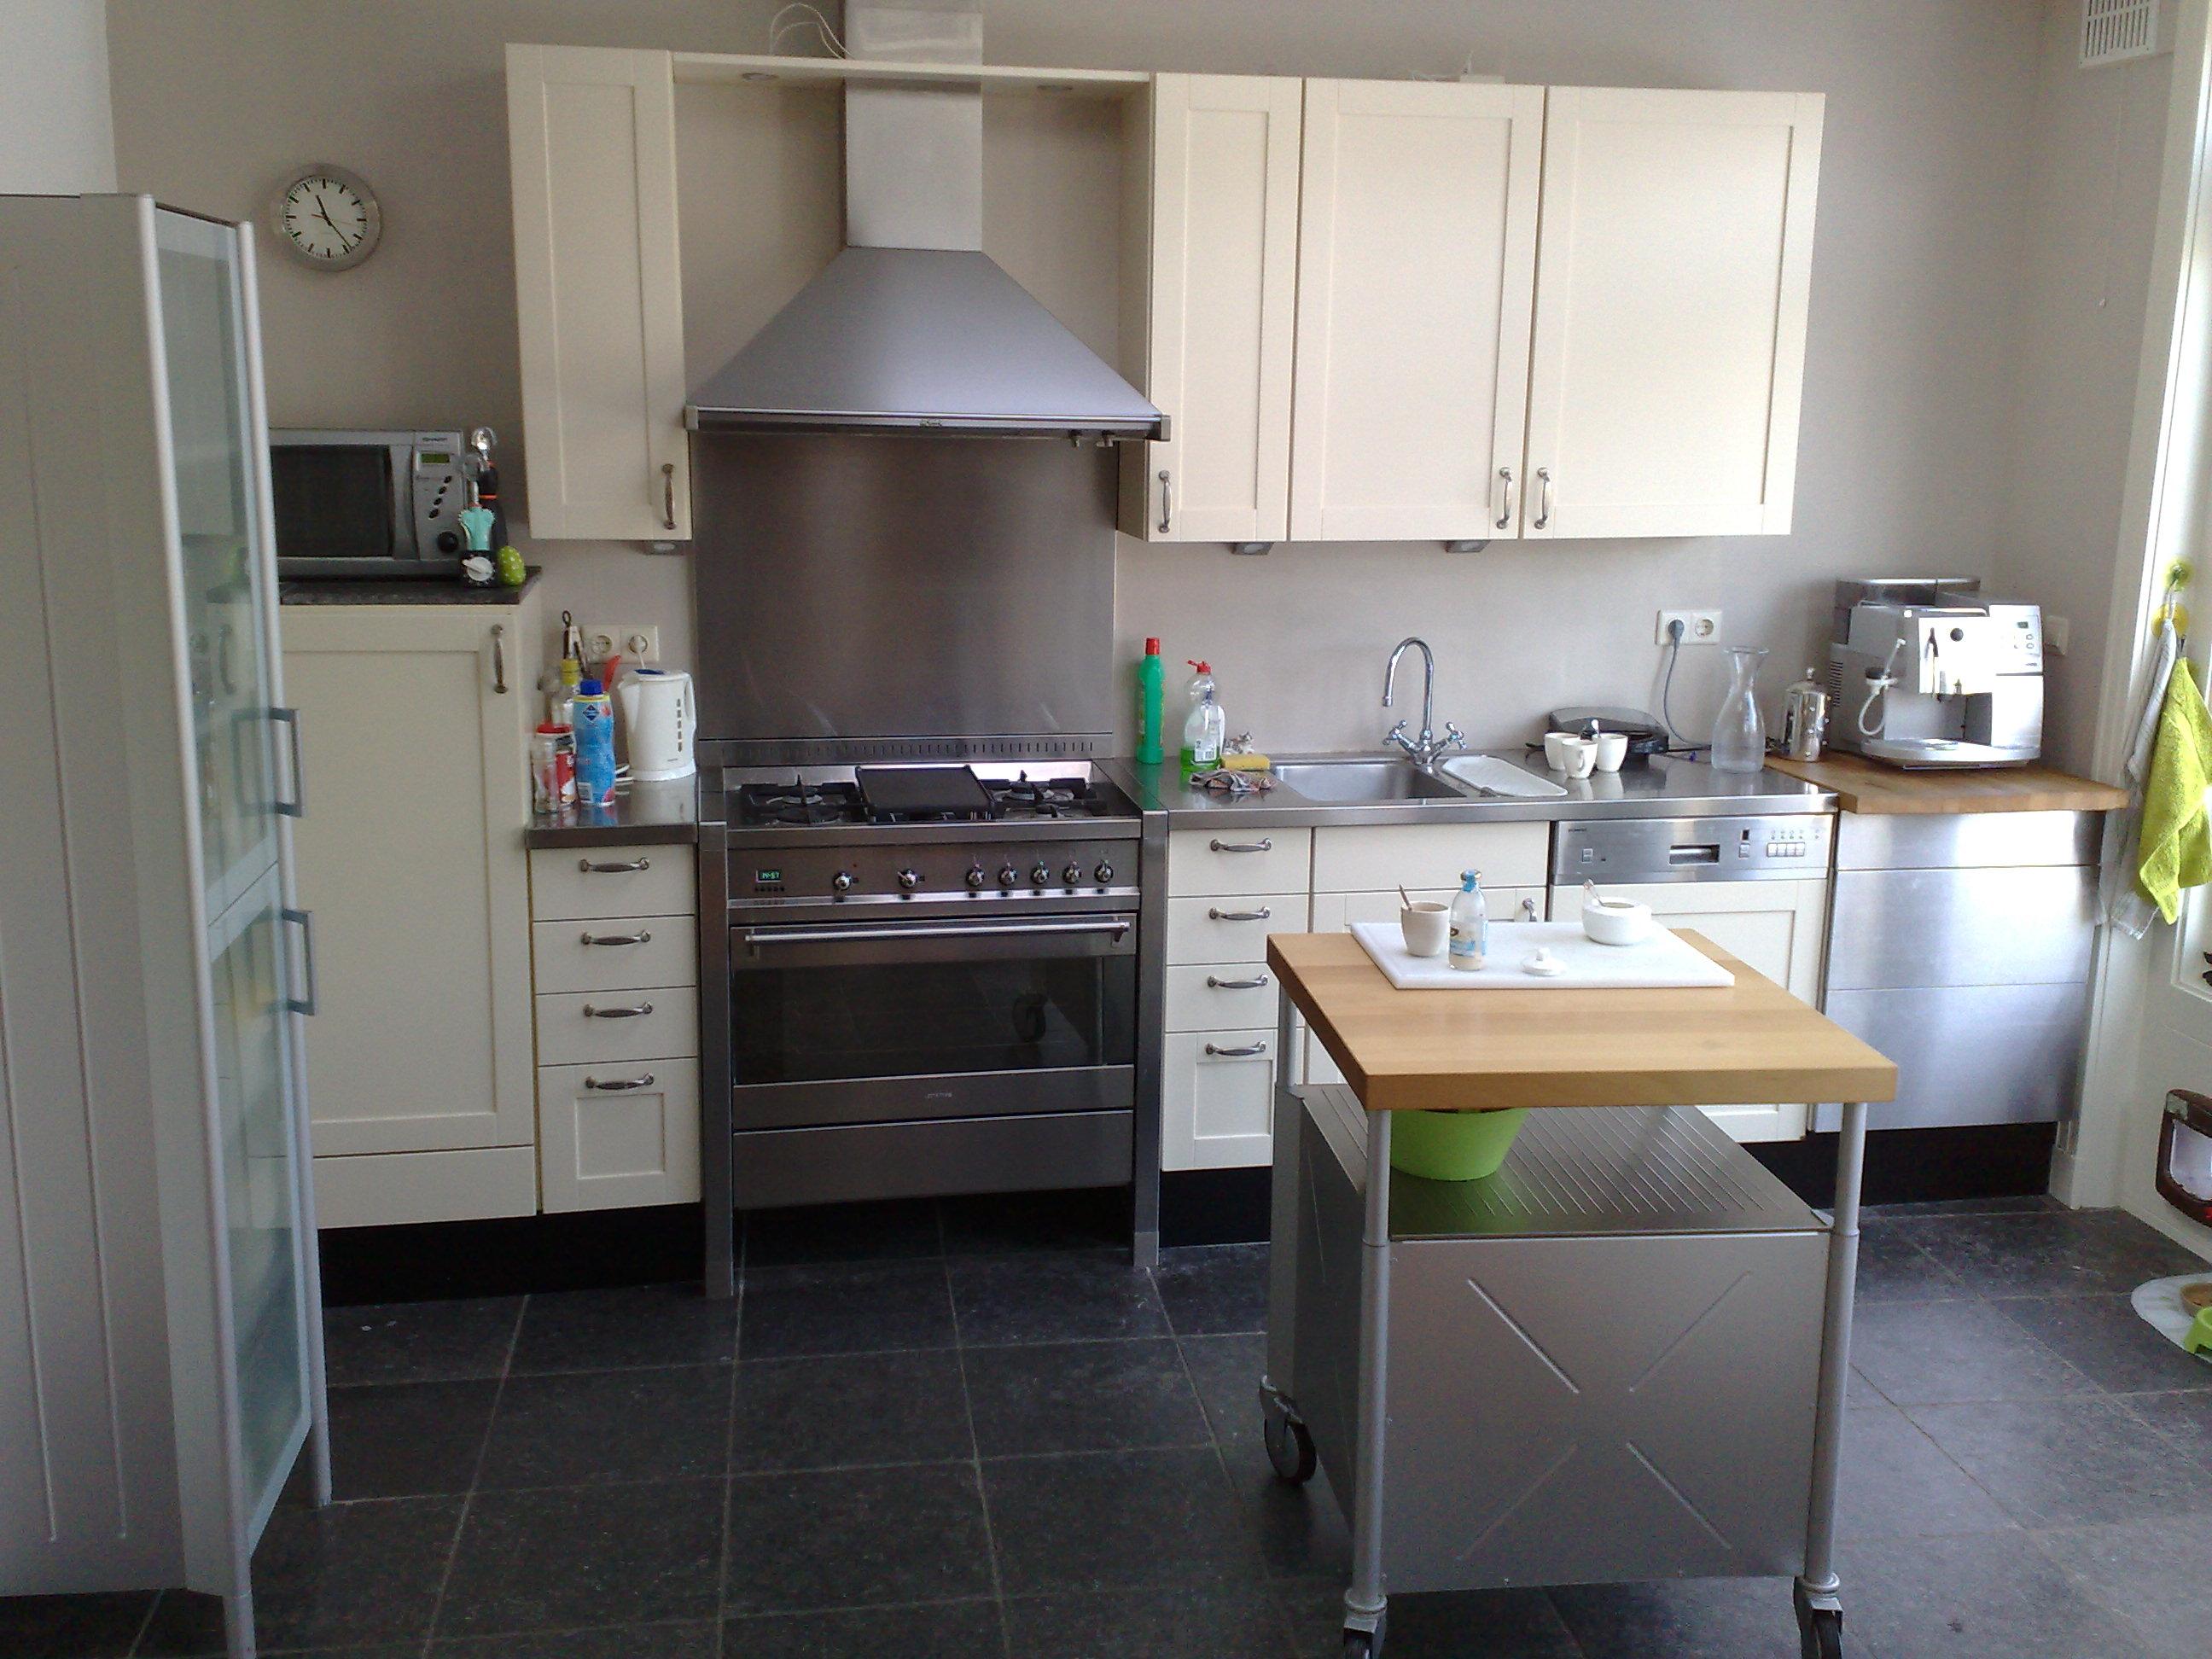 Keuken Voor Weinig : Keuken verbouwing esb onderhoudesb onderhoud